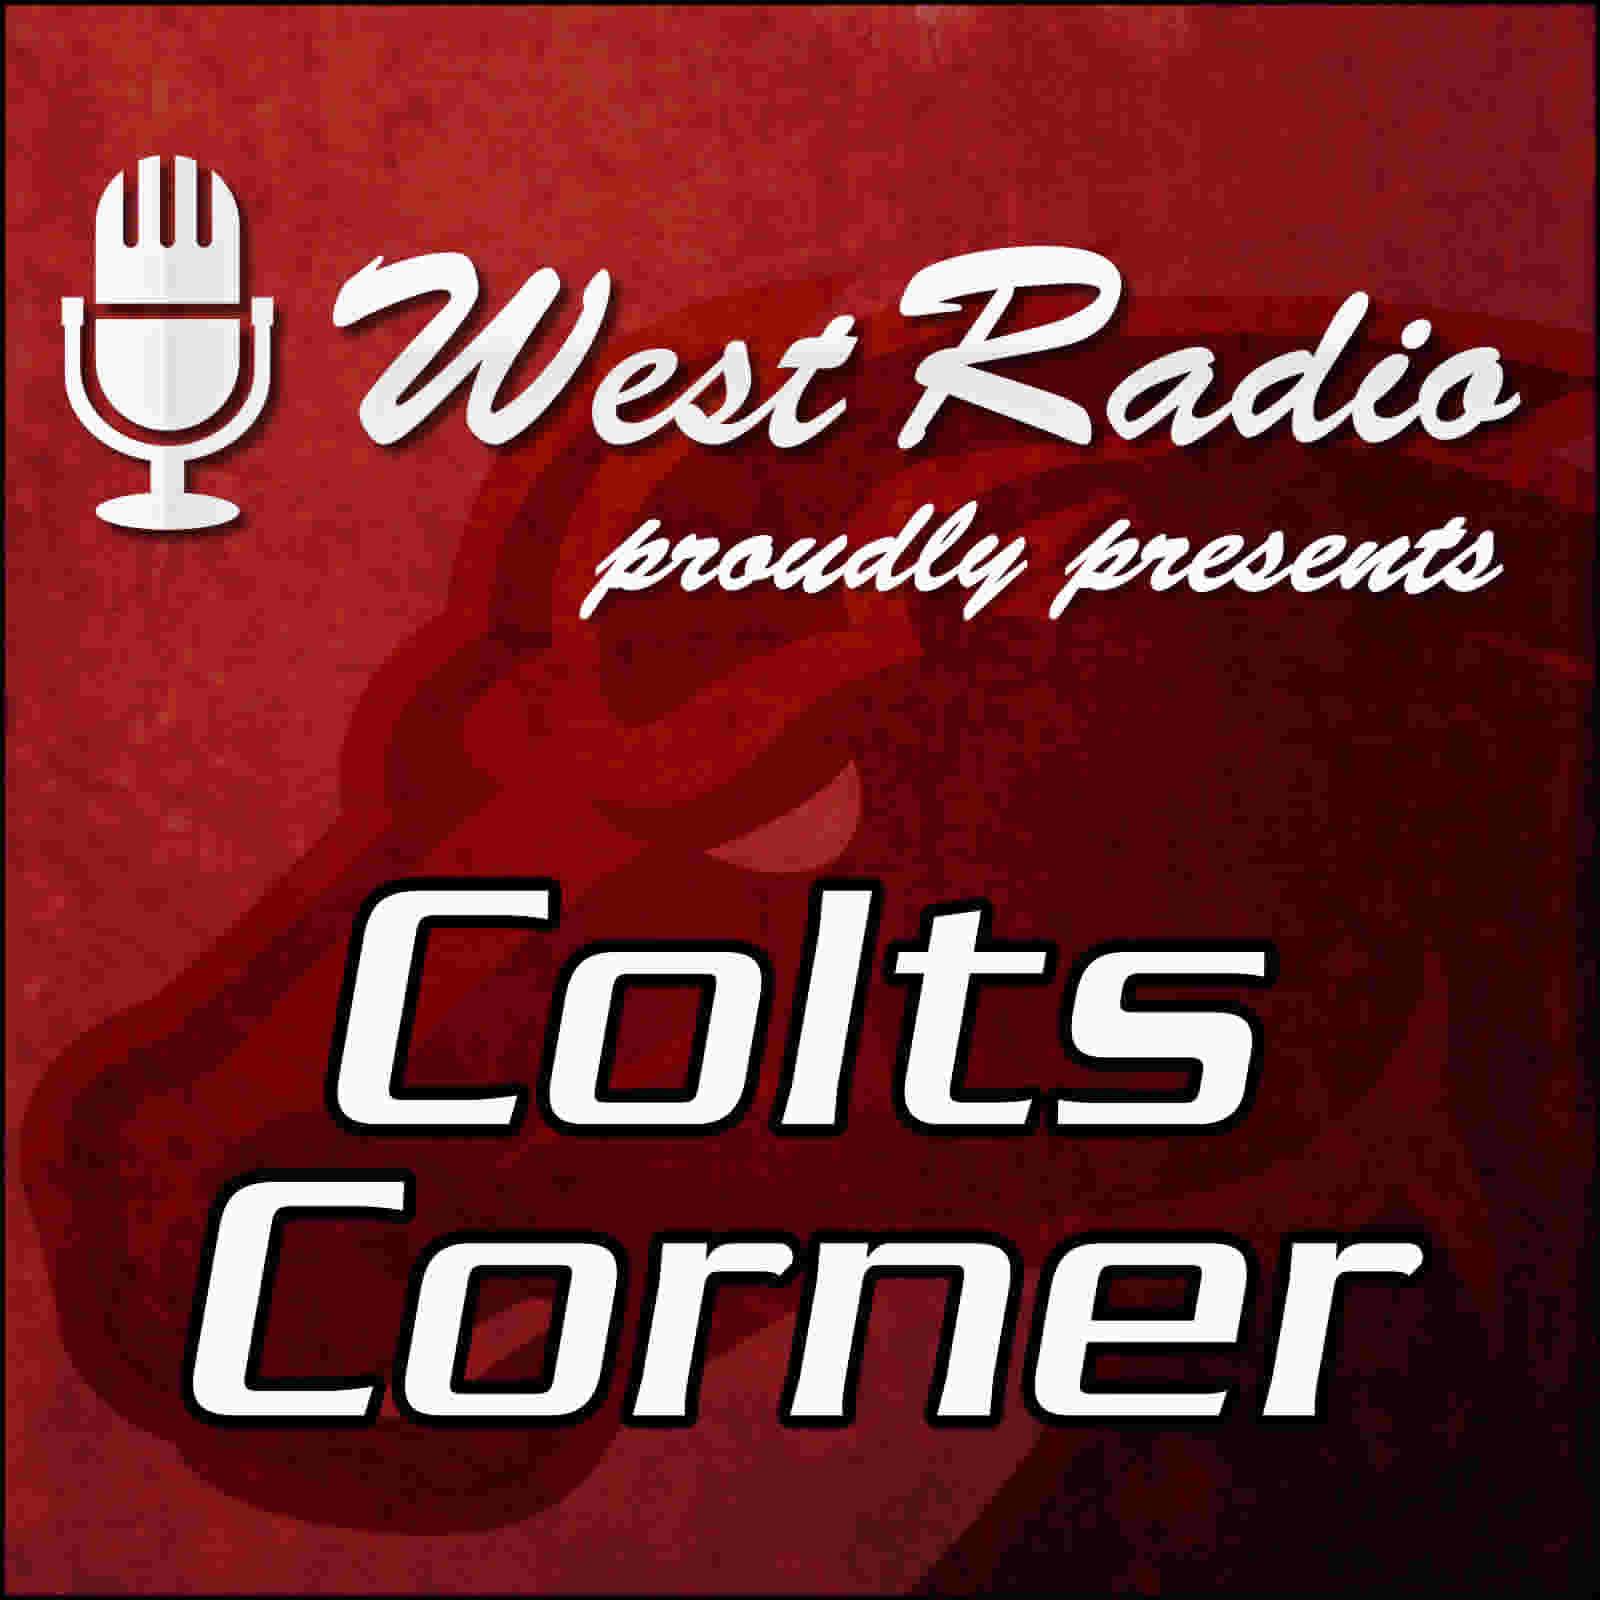 Colts Corner